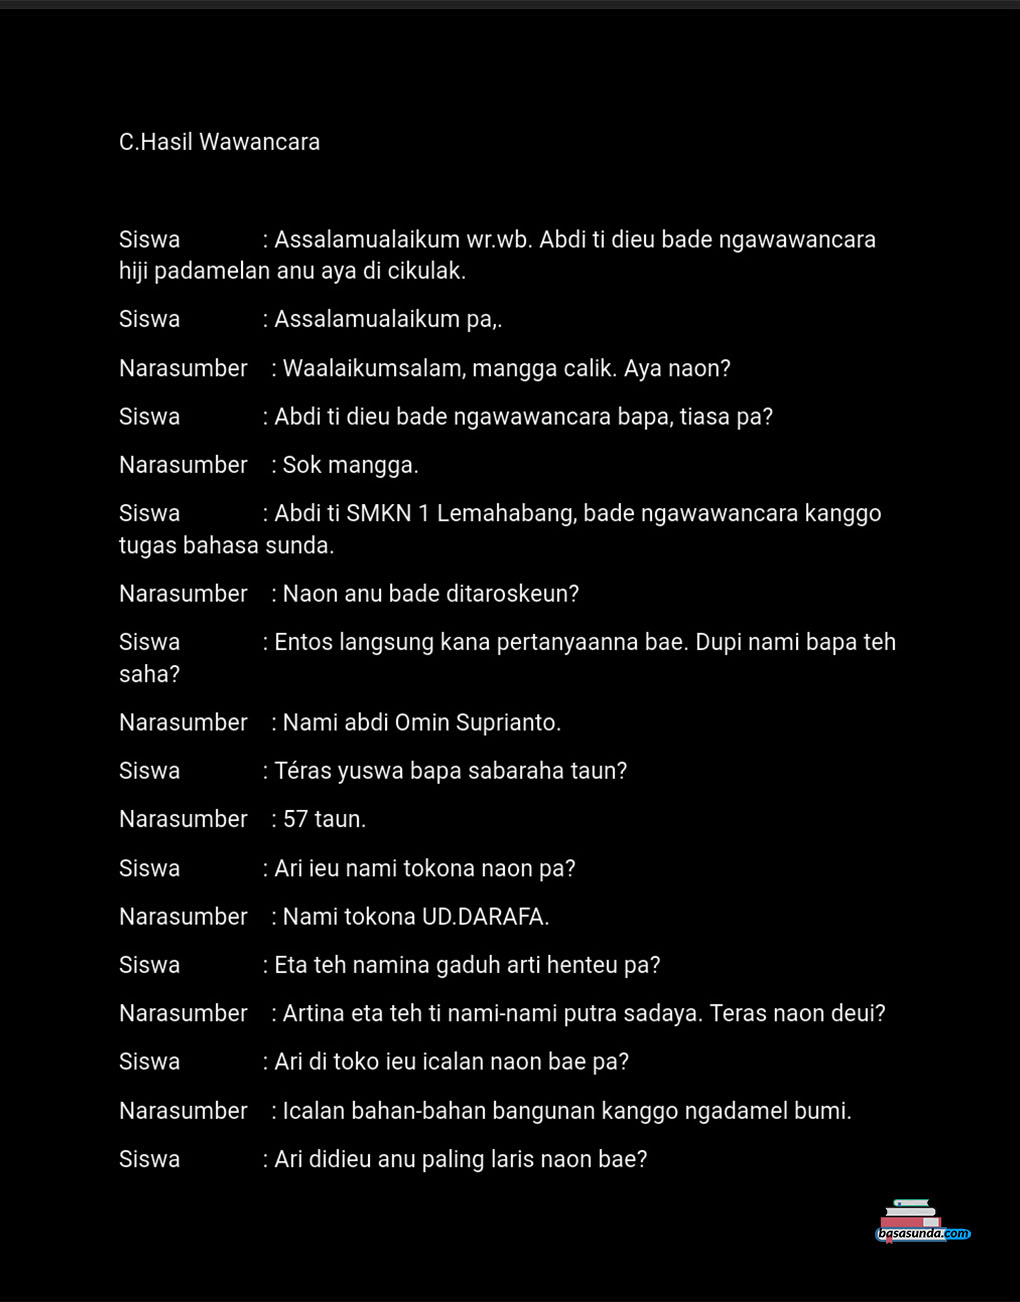 Contoh Laporan Wawancara Bahasa Sunda Surat Cc